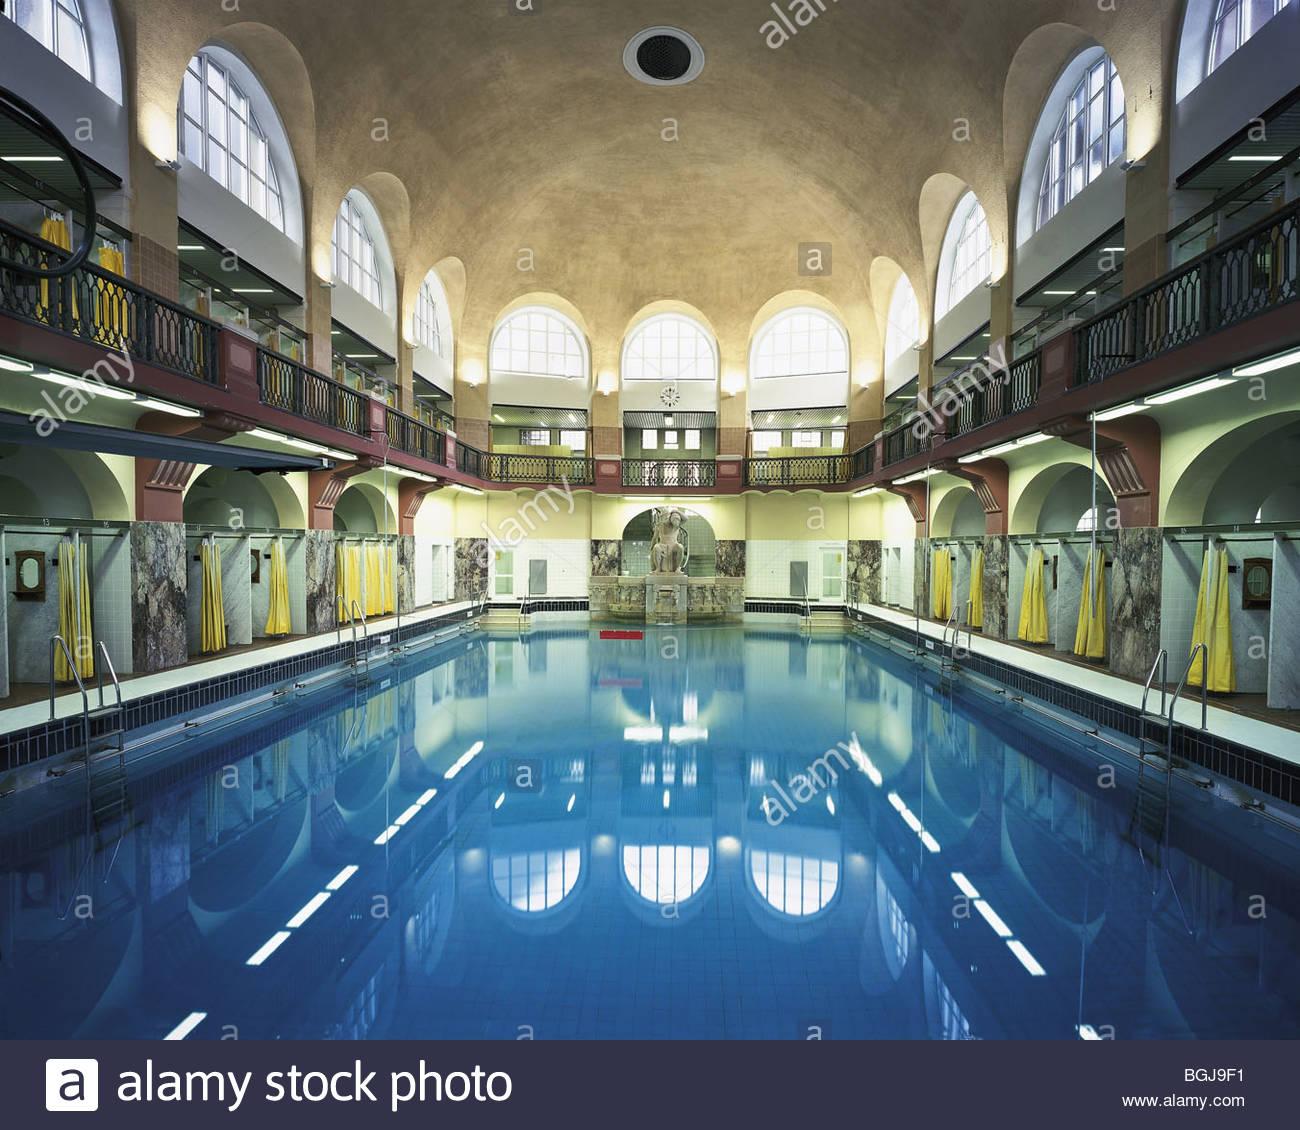 Salle De Bain Aix La Chapelle ~ spa elisabethhalle aix la chapelle une injection compl te de la